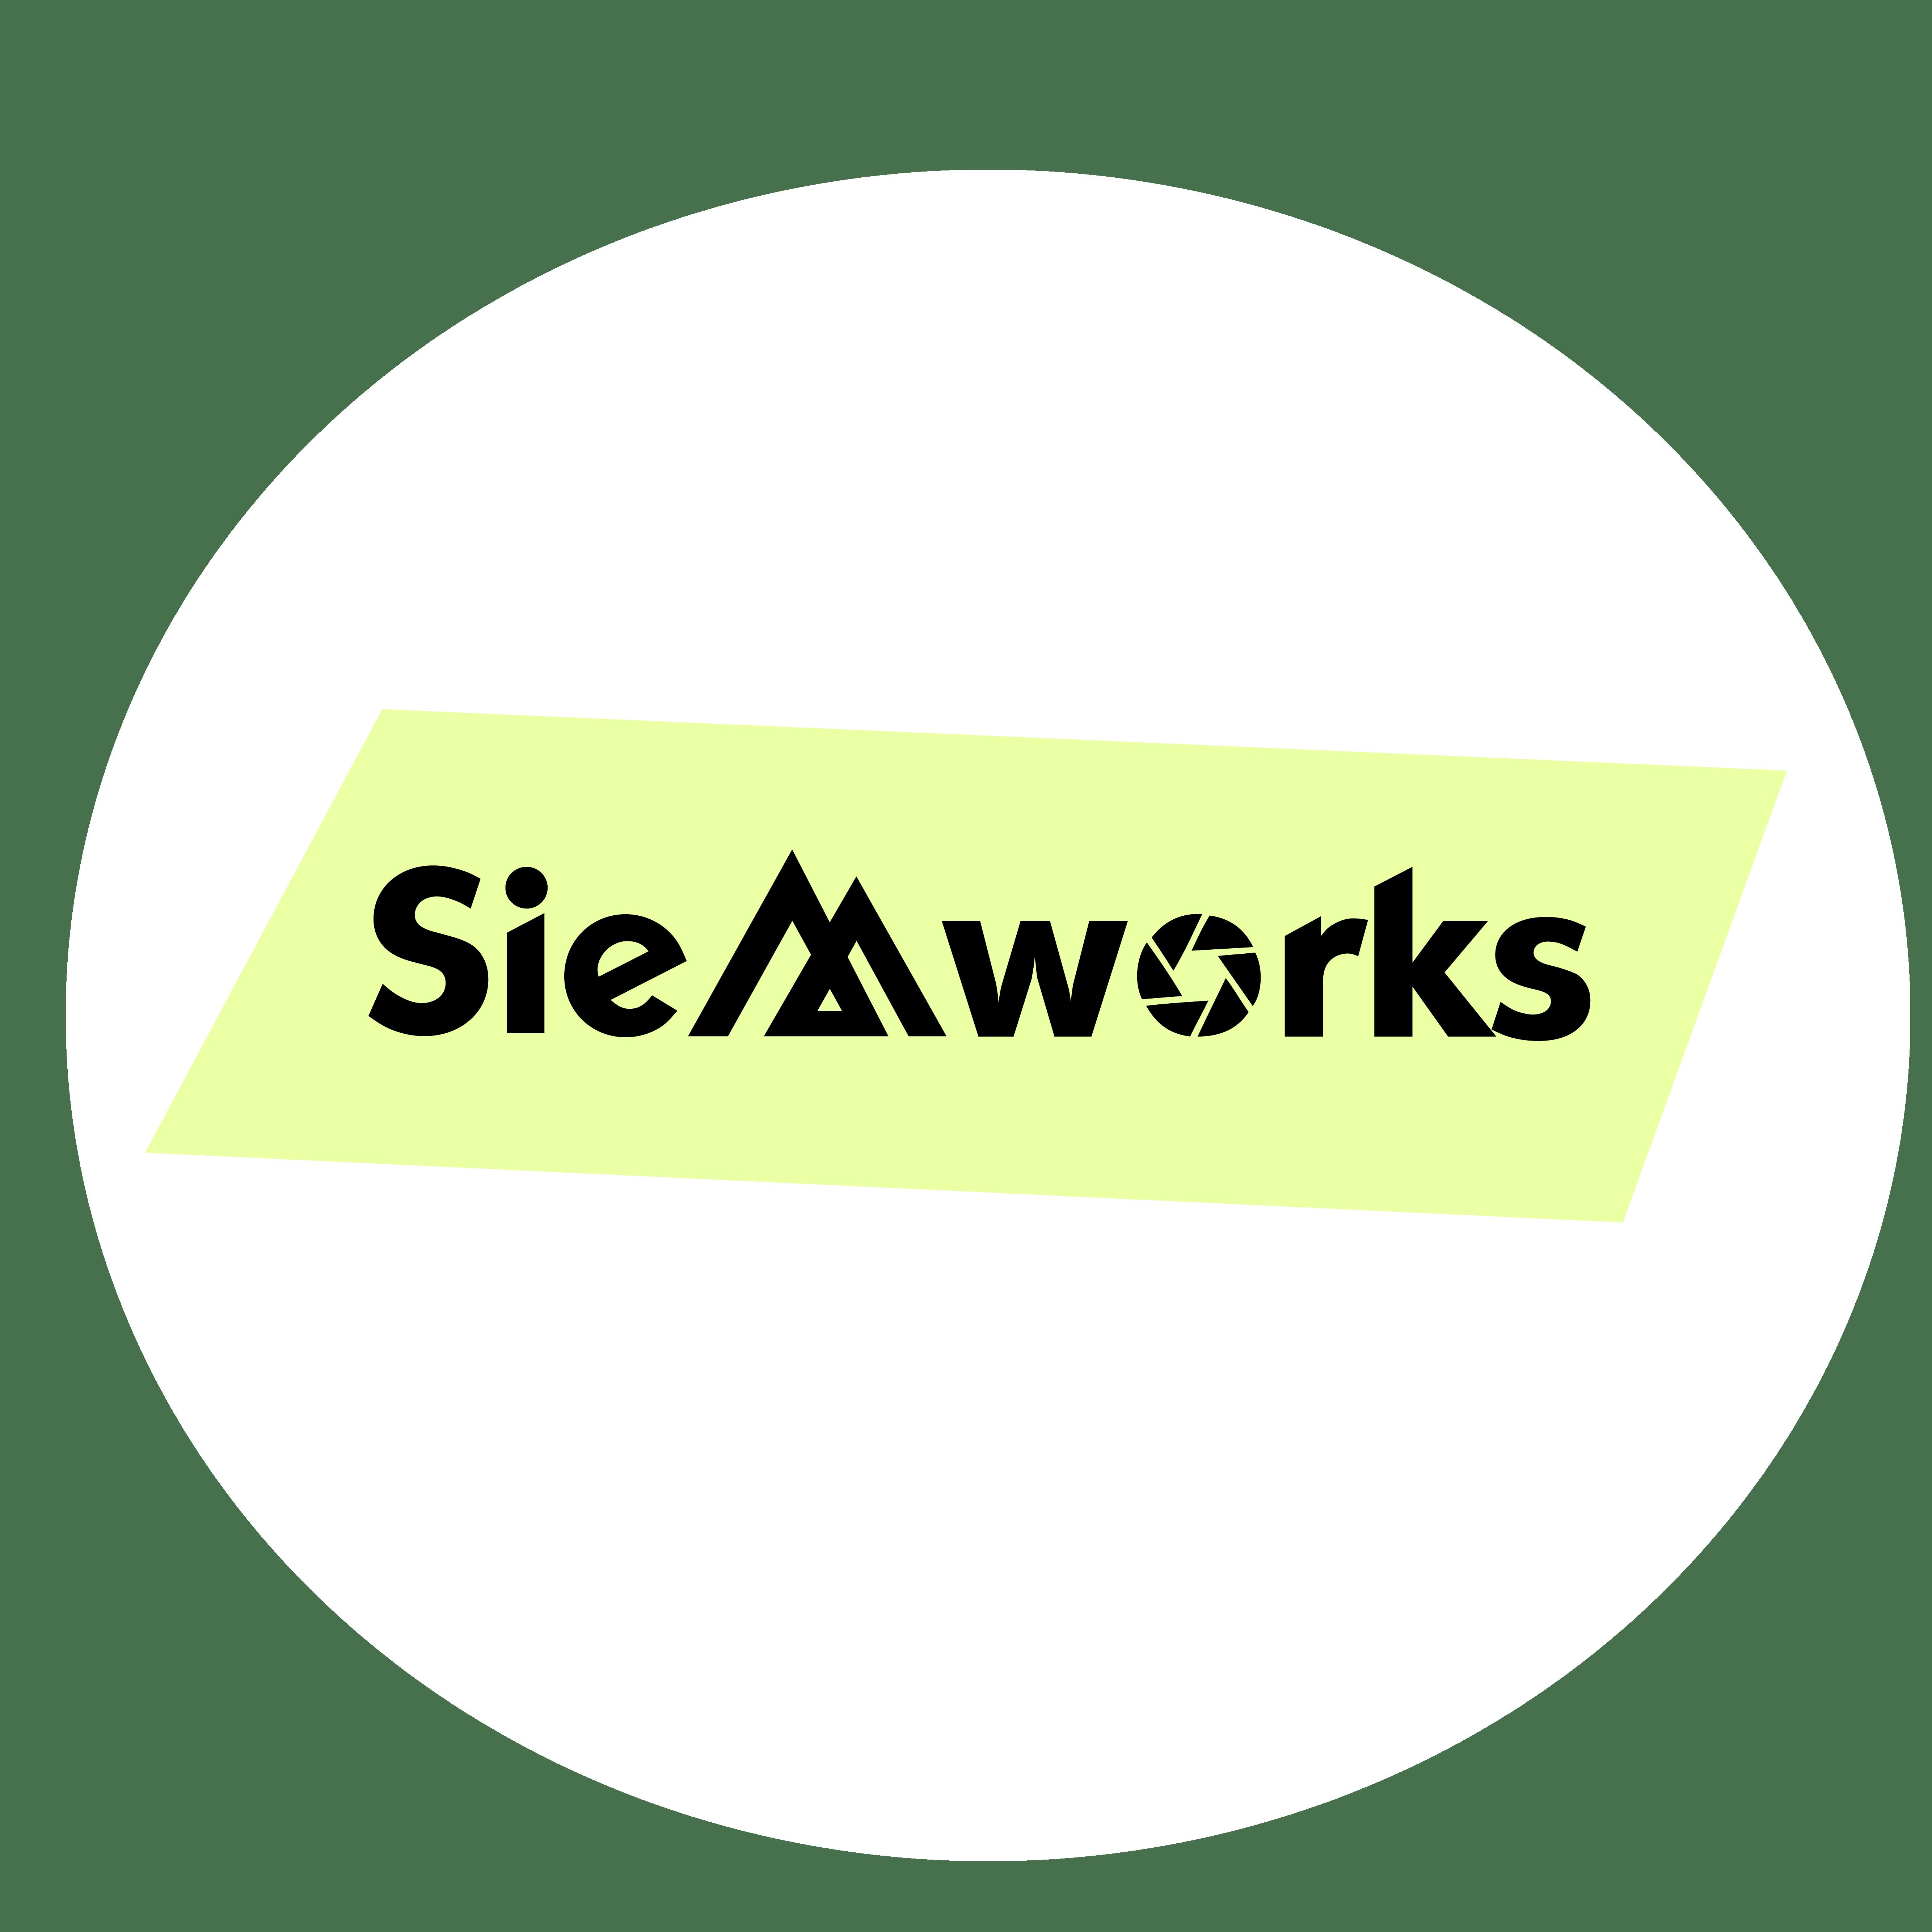 siemworks en knus